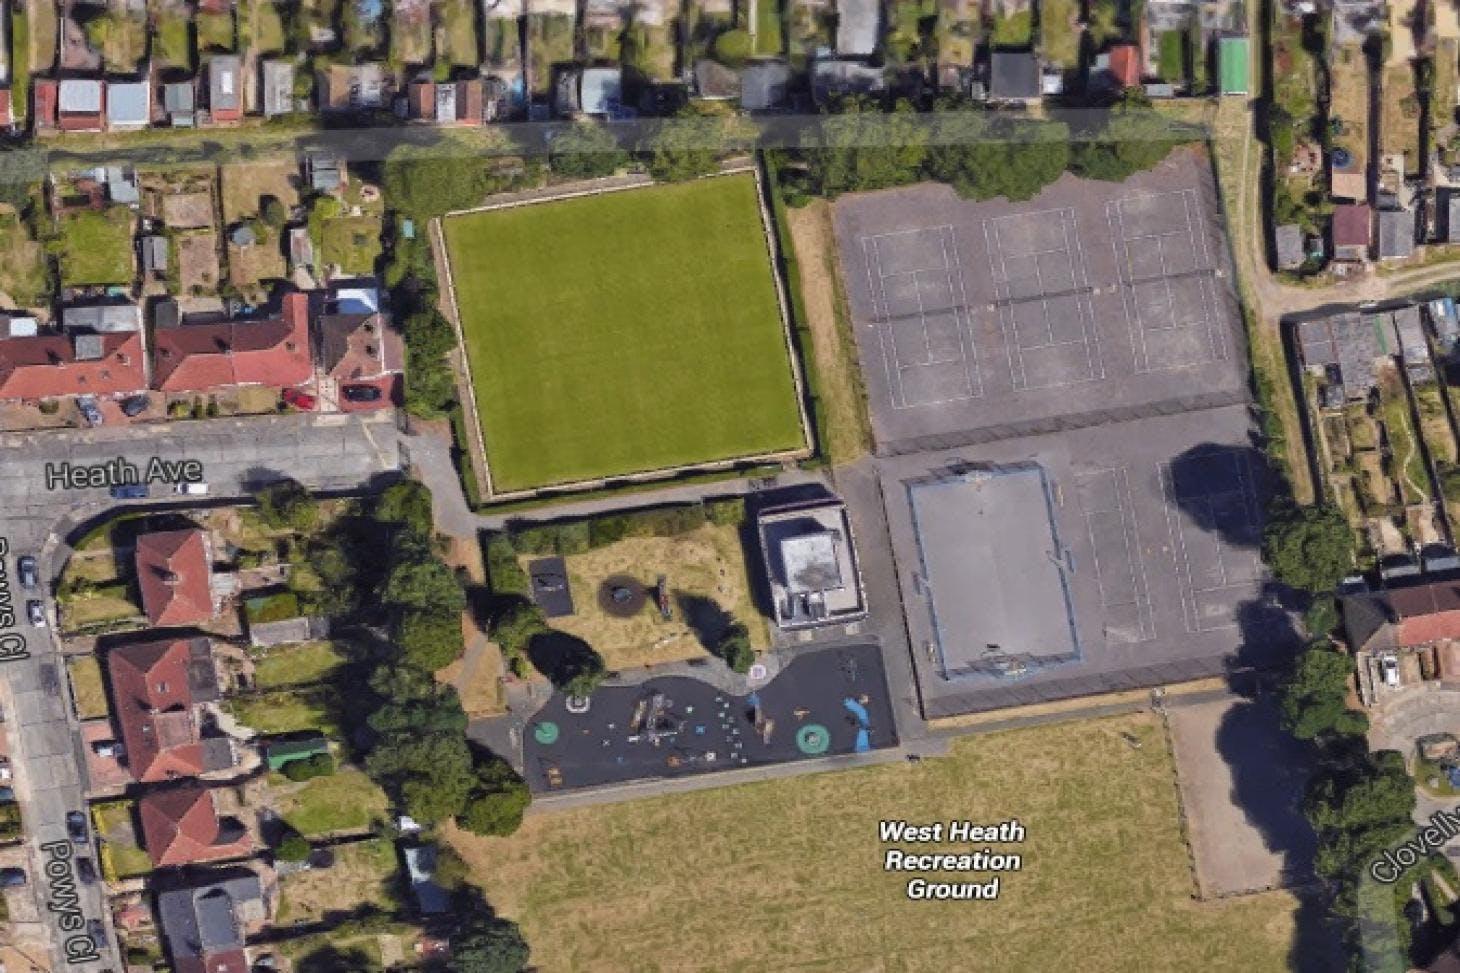 West Heath Recreation Ground Outdoor   Hard (macadam) tennis court